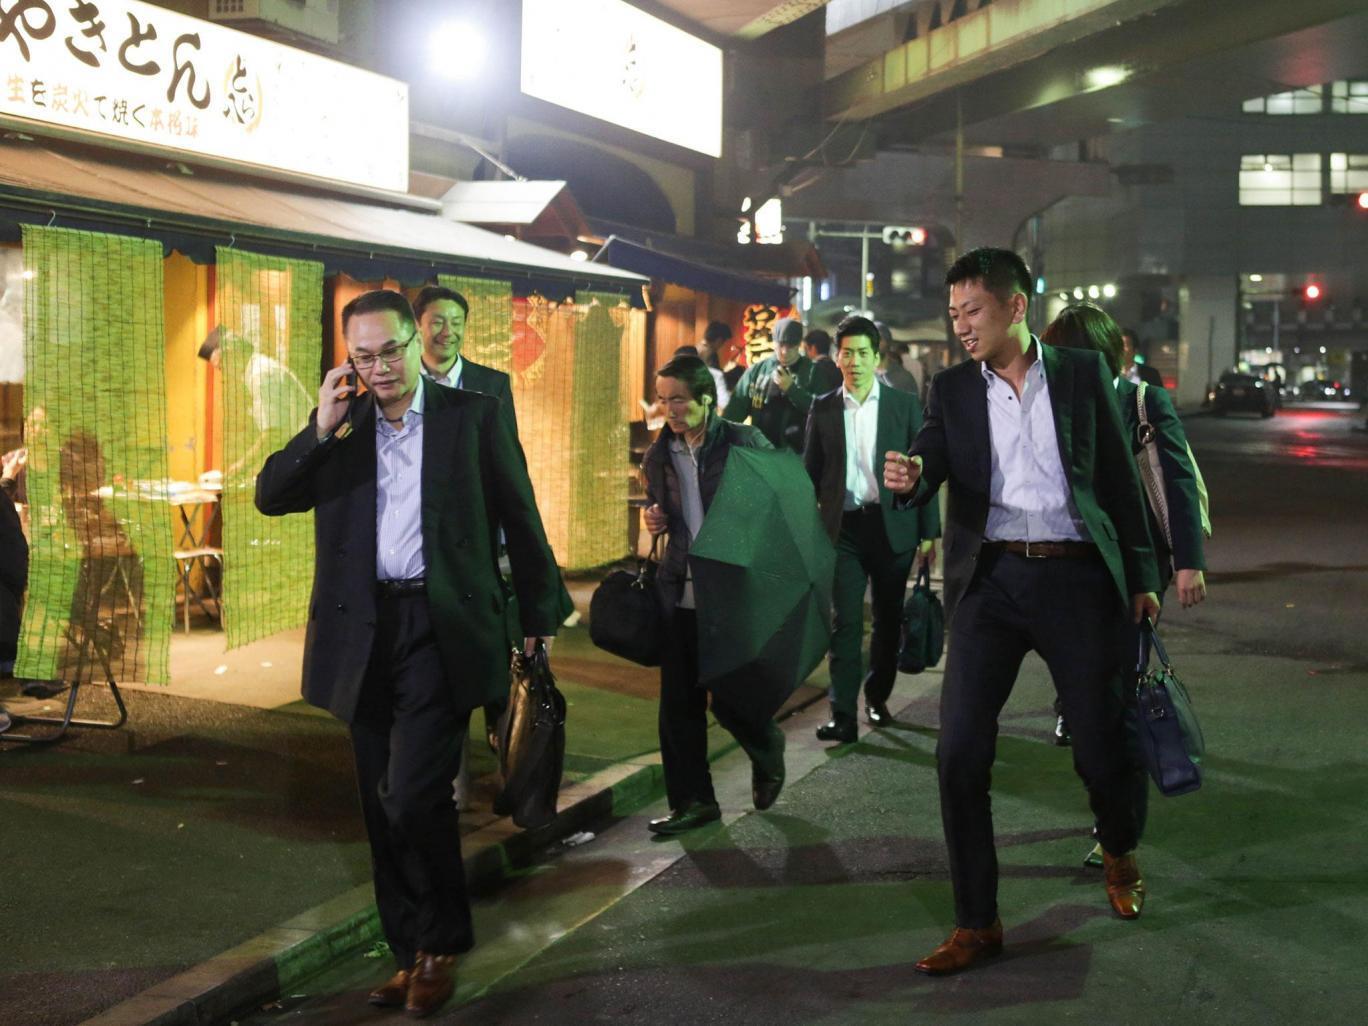 日本奇葩酒场文化:想要做好生意先要能喝酒